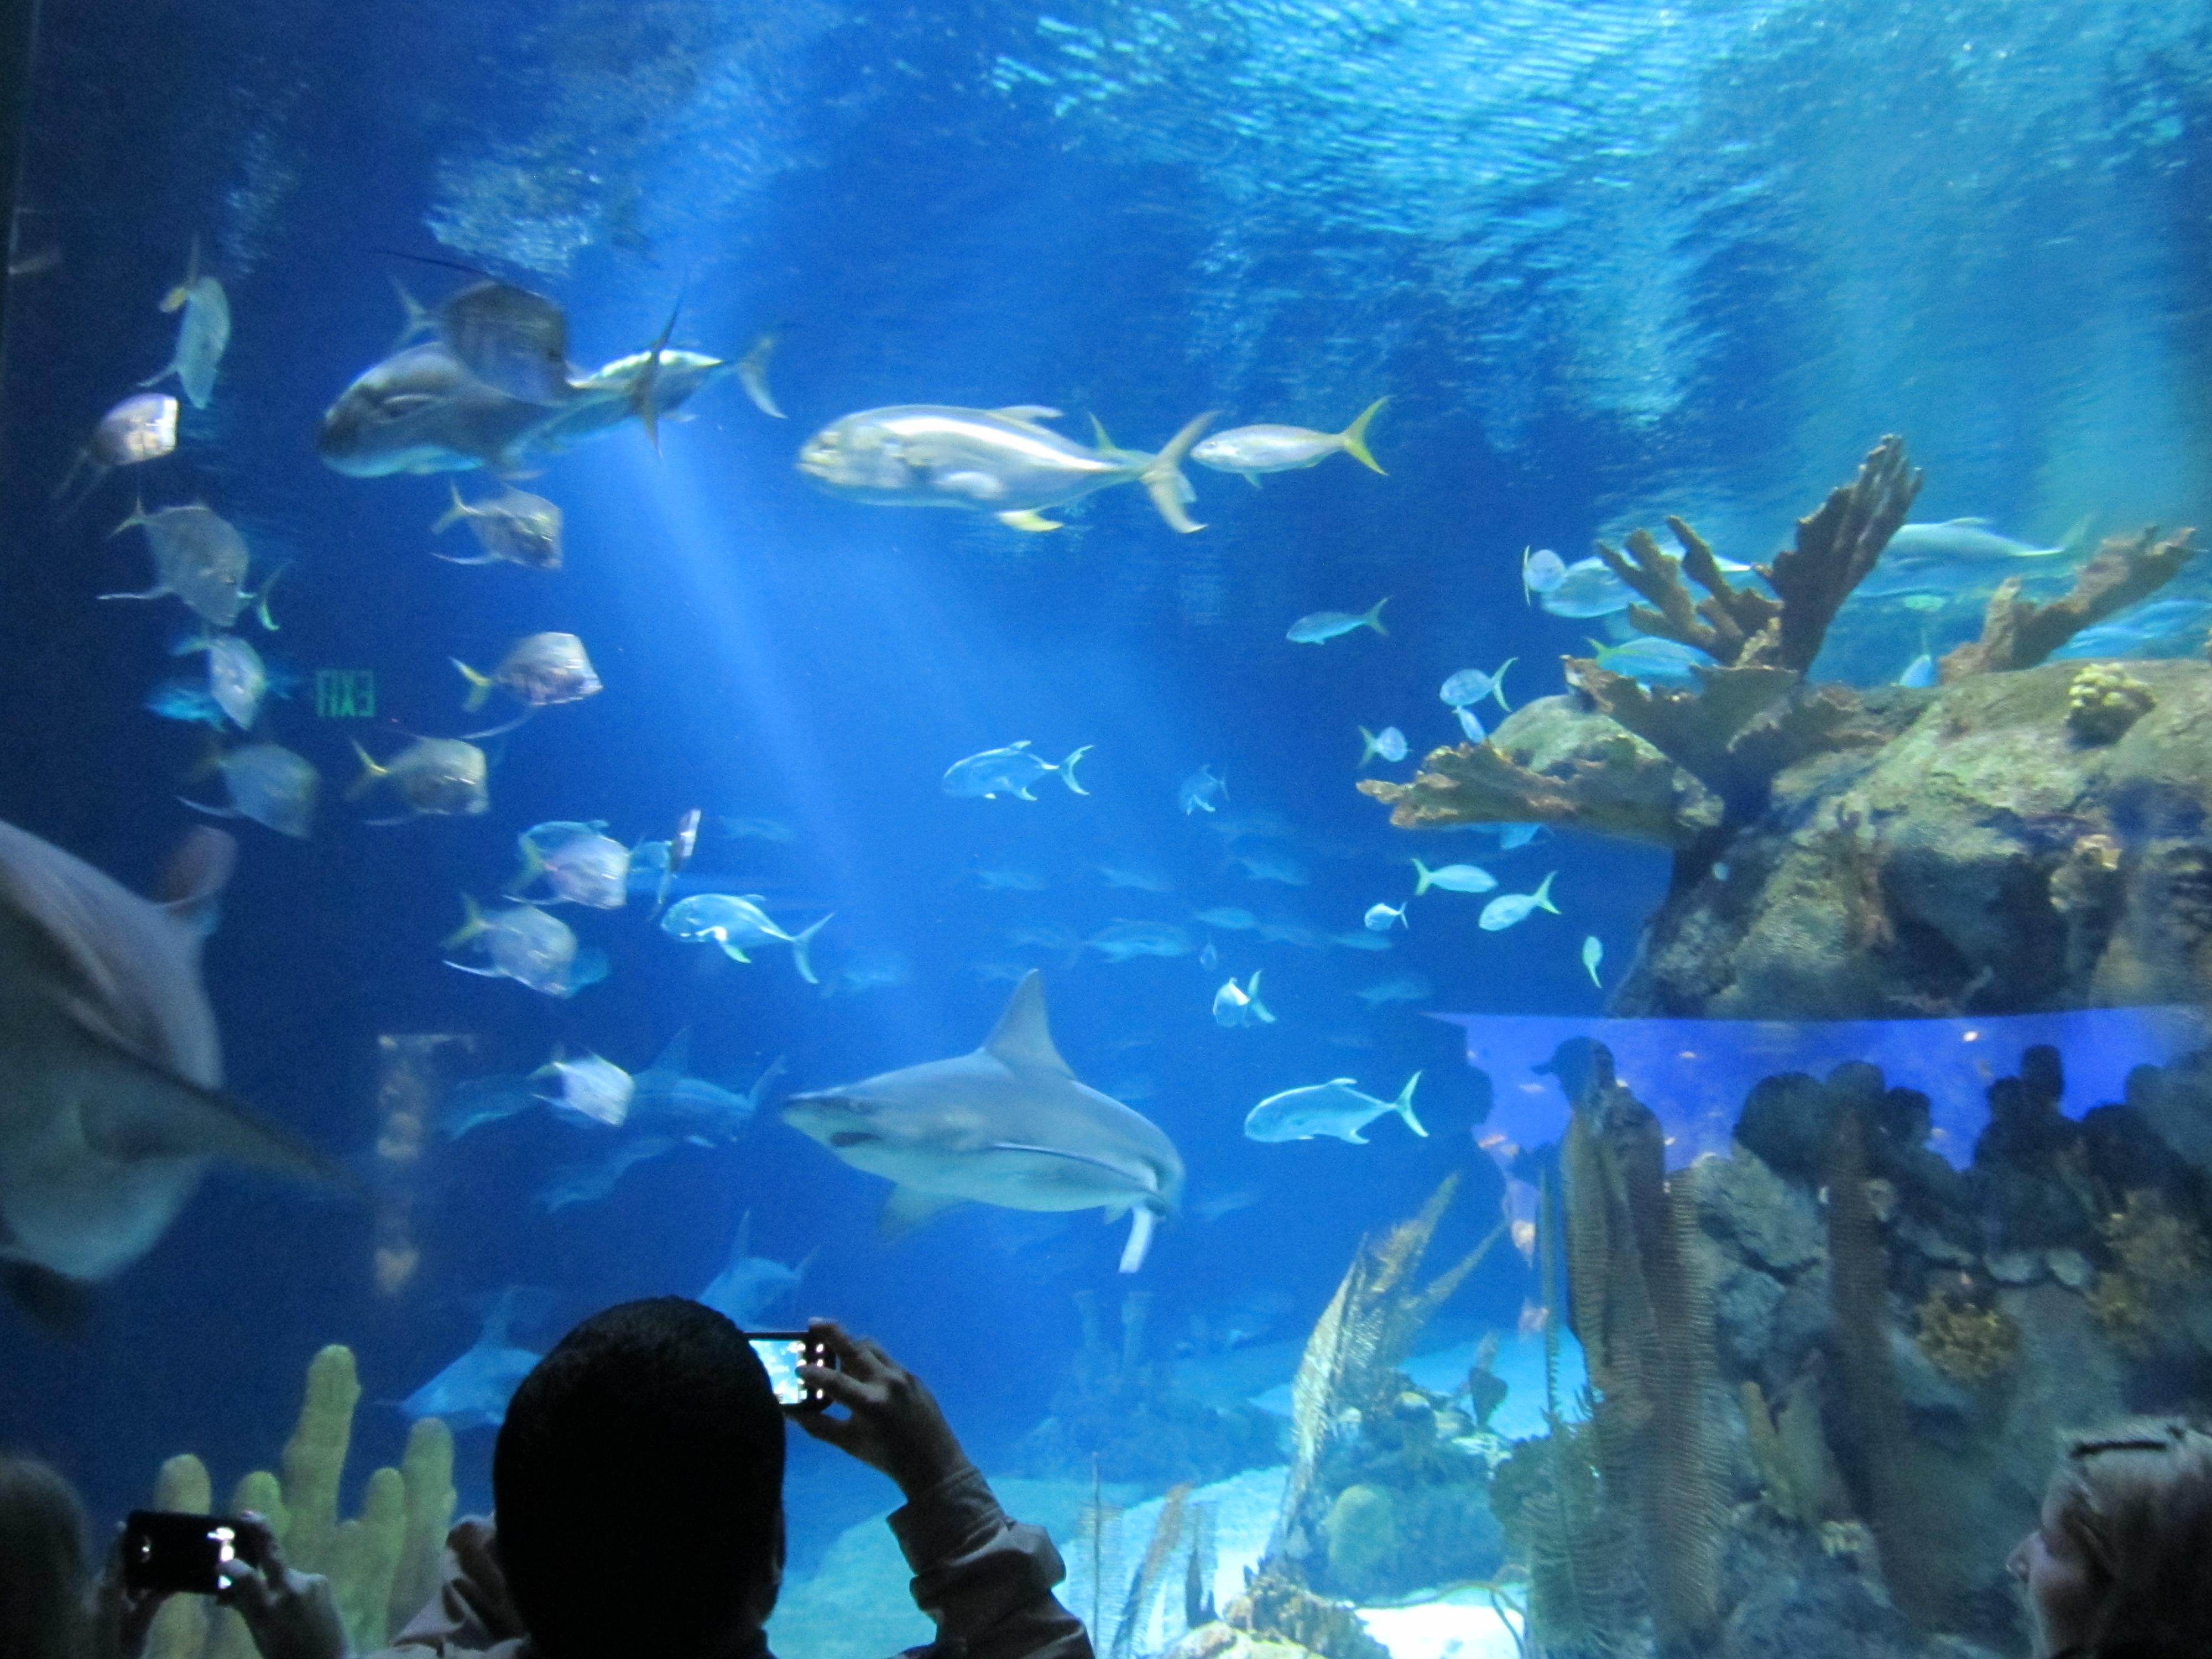 Omaha S Henry Doorly Zoo And Aquarium Thegreentreeischirping